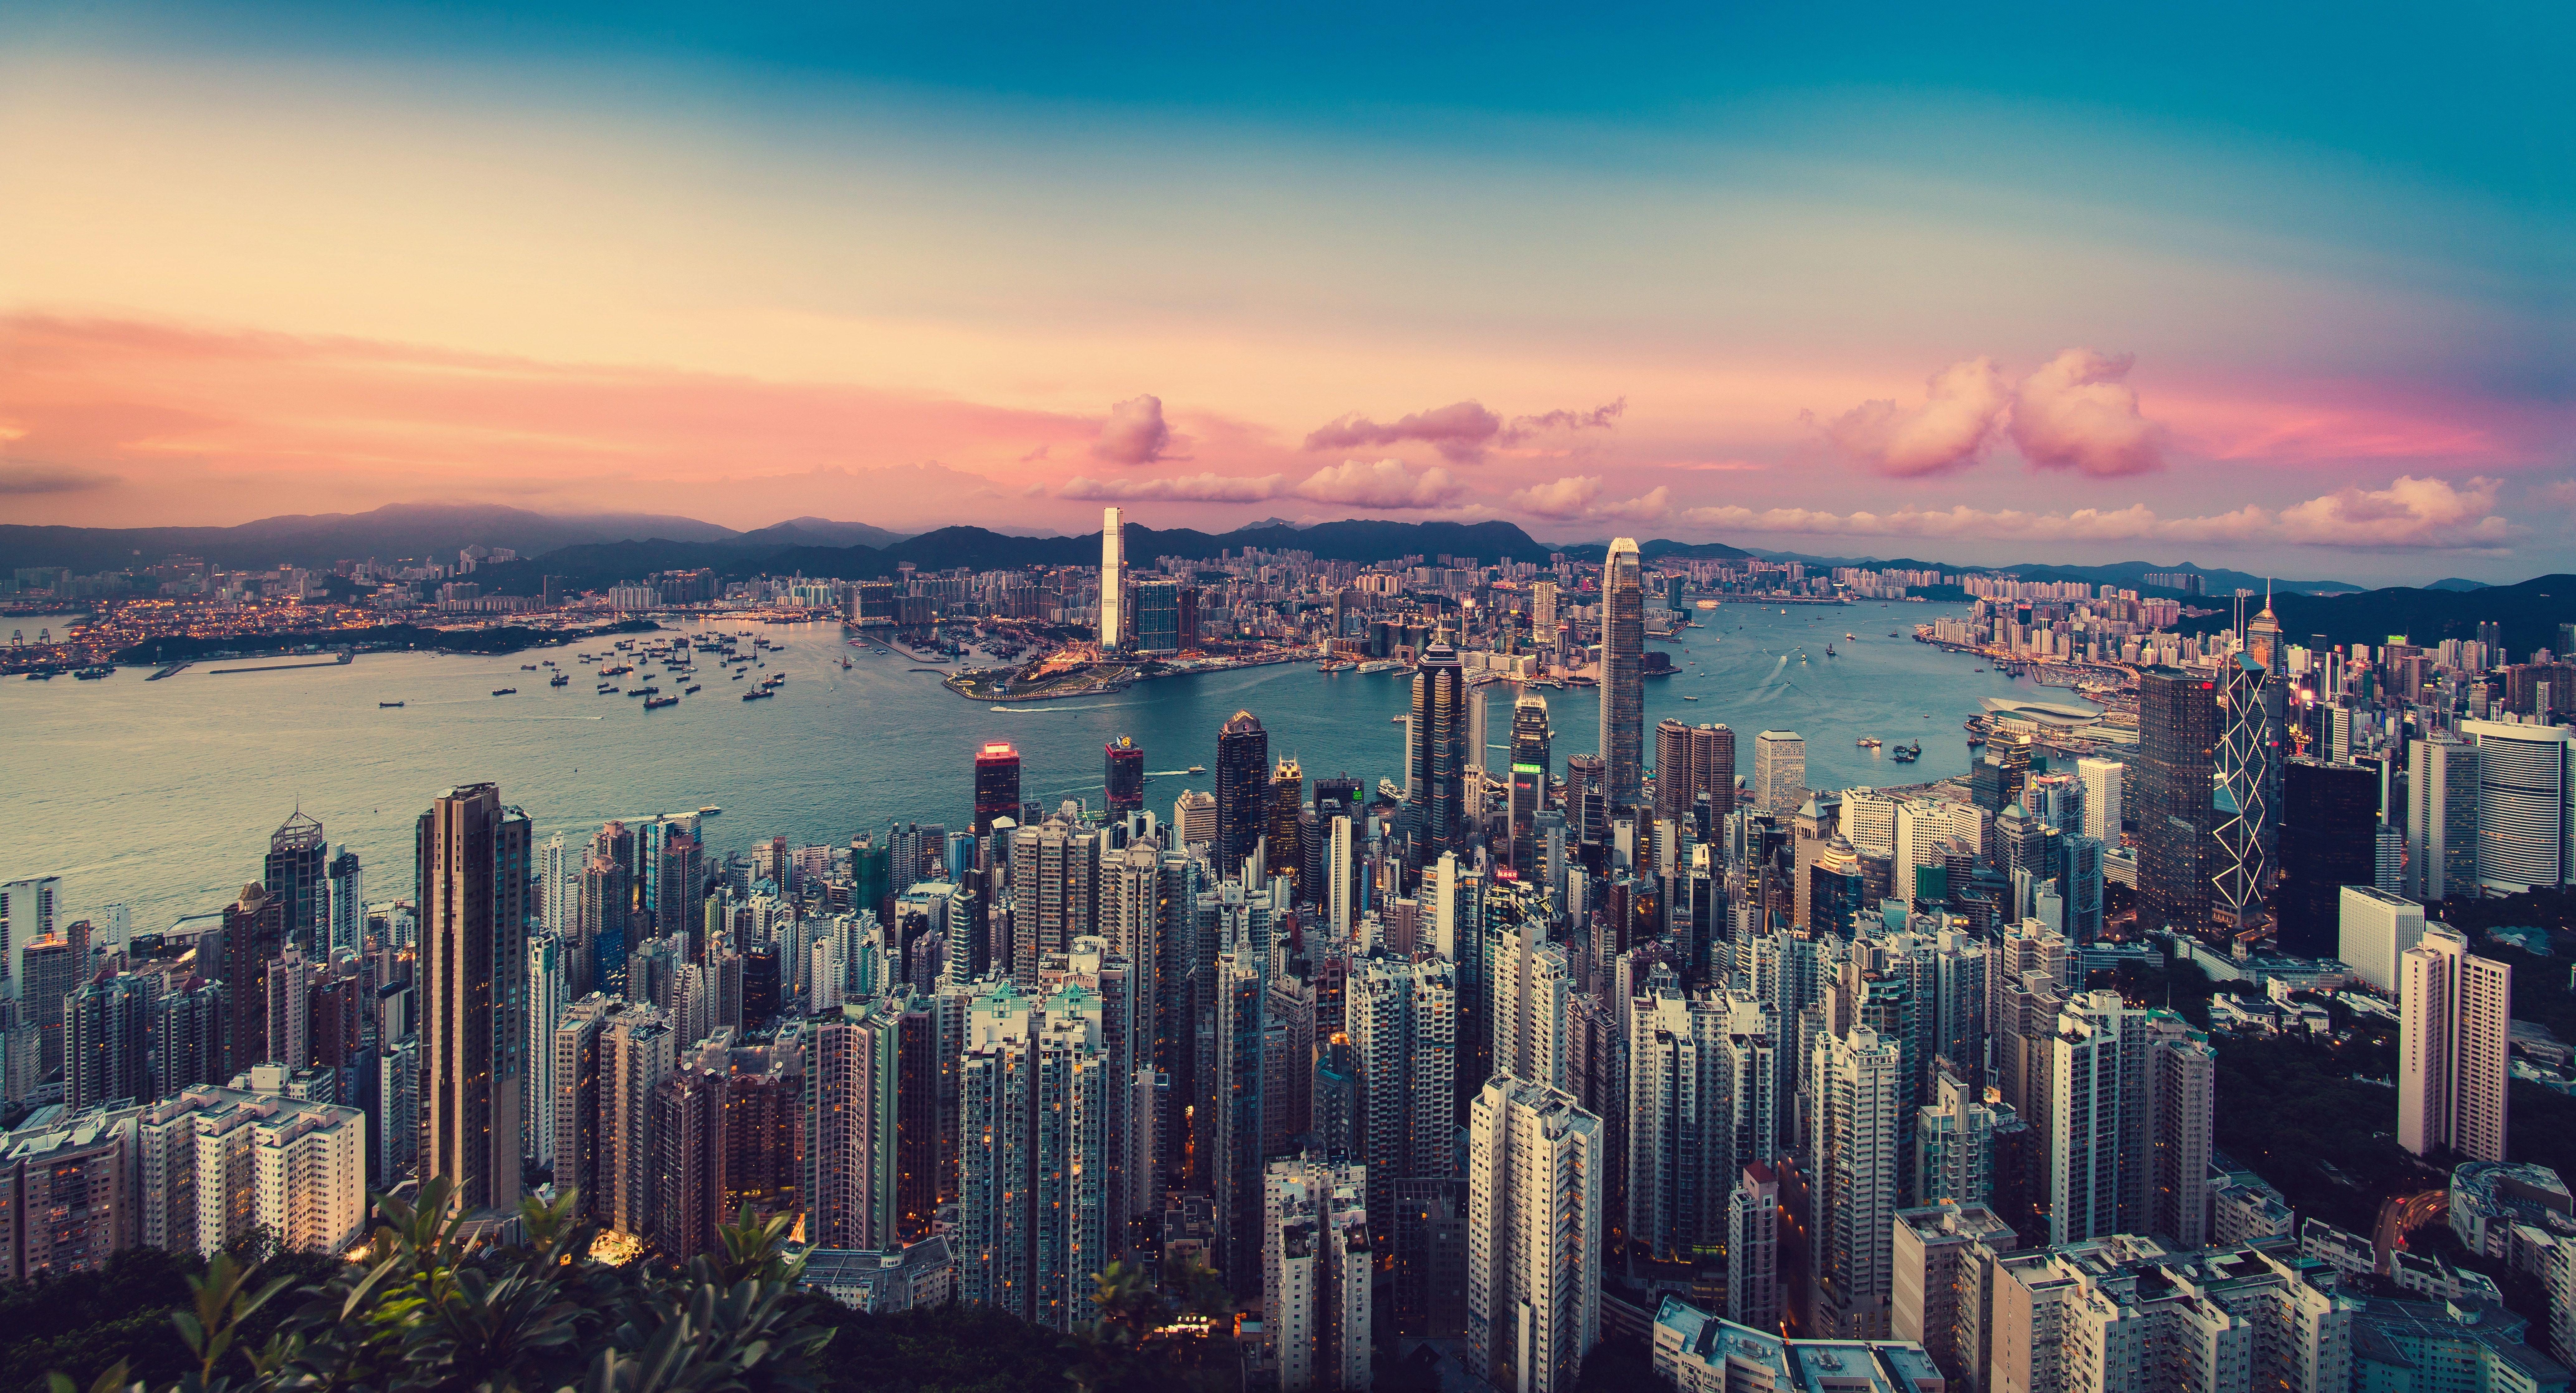 Hong Kong 8K Wallpaper, HD City 4K Wallpapers, Images ...